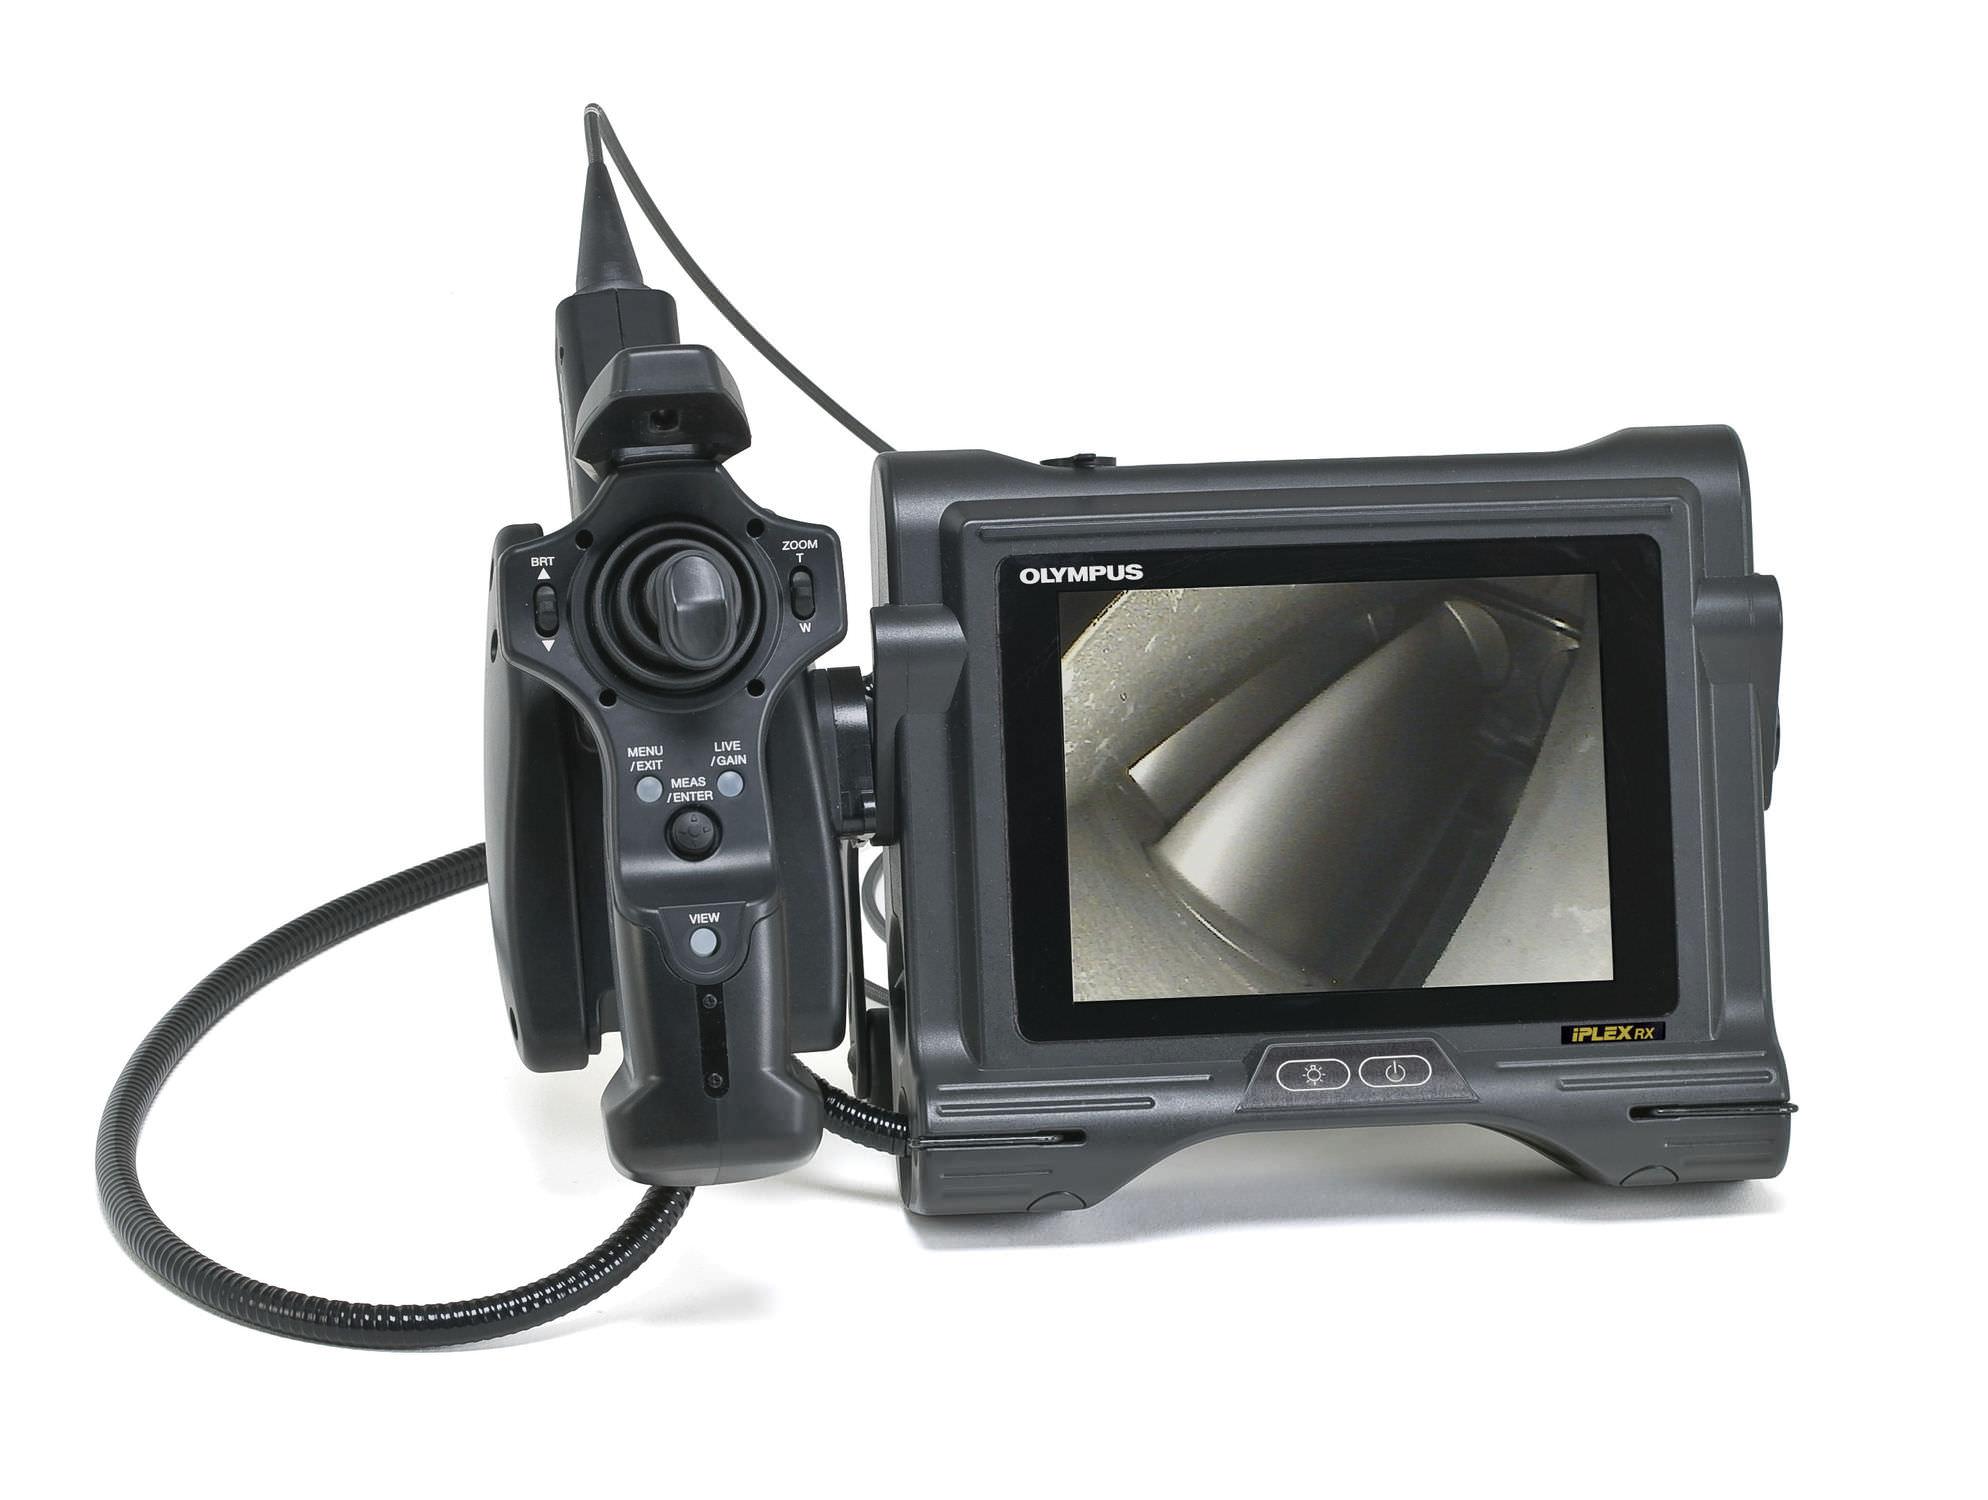 IPLEX RX - IV9635RX